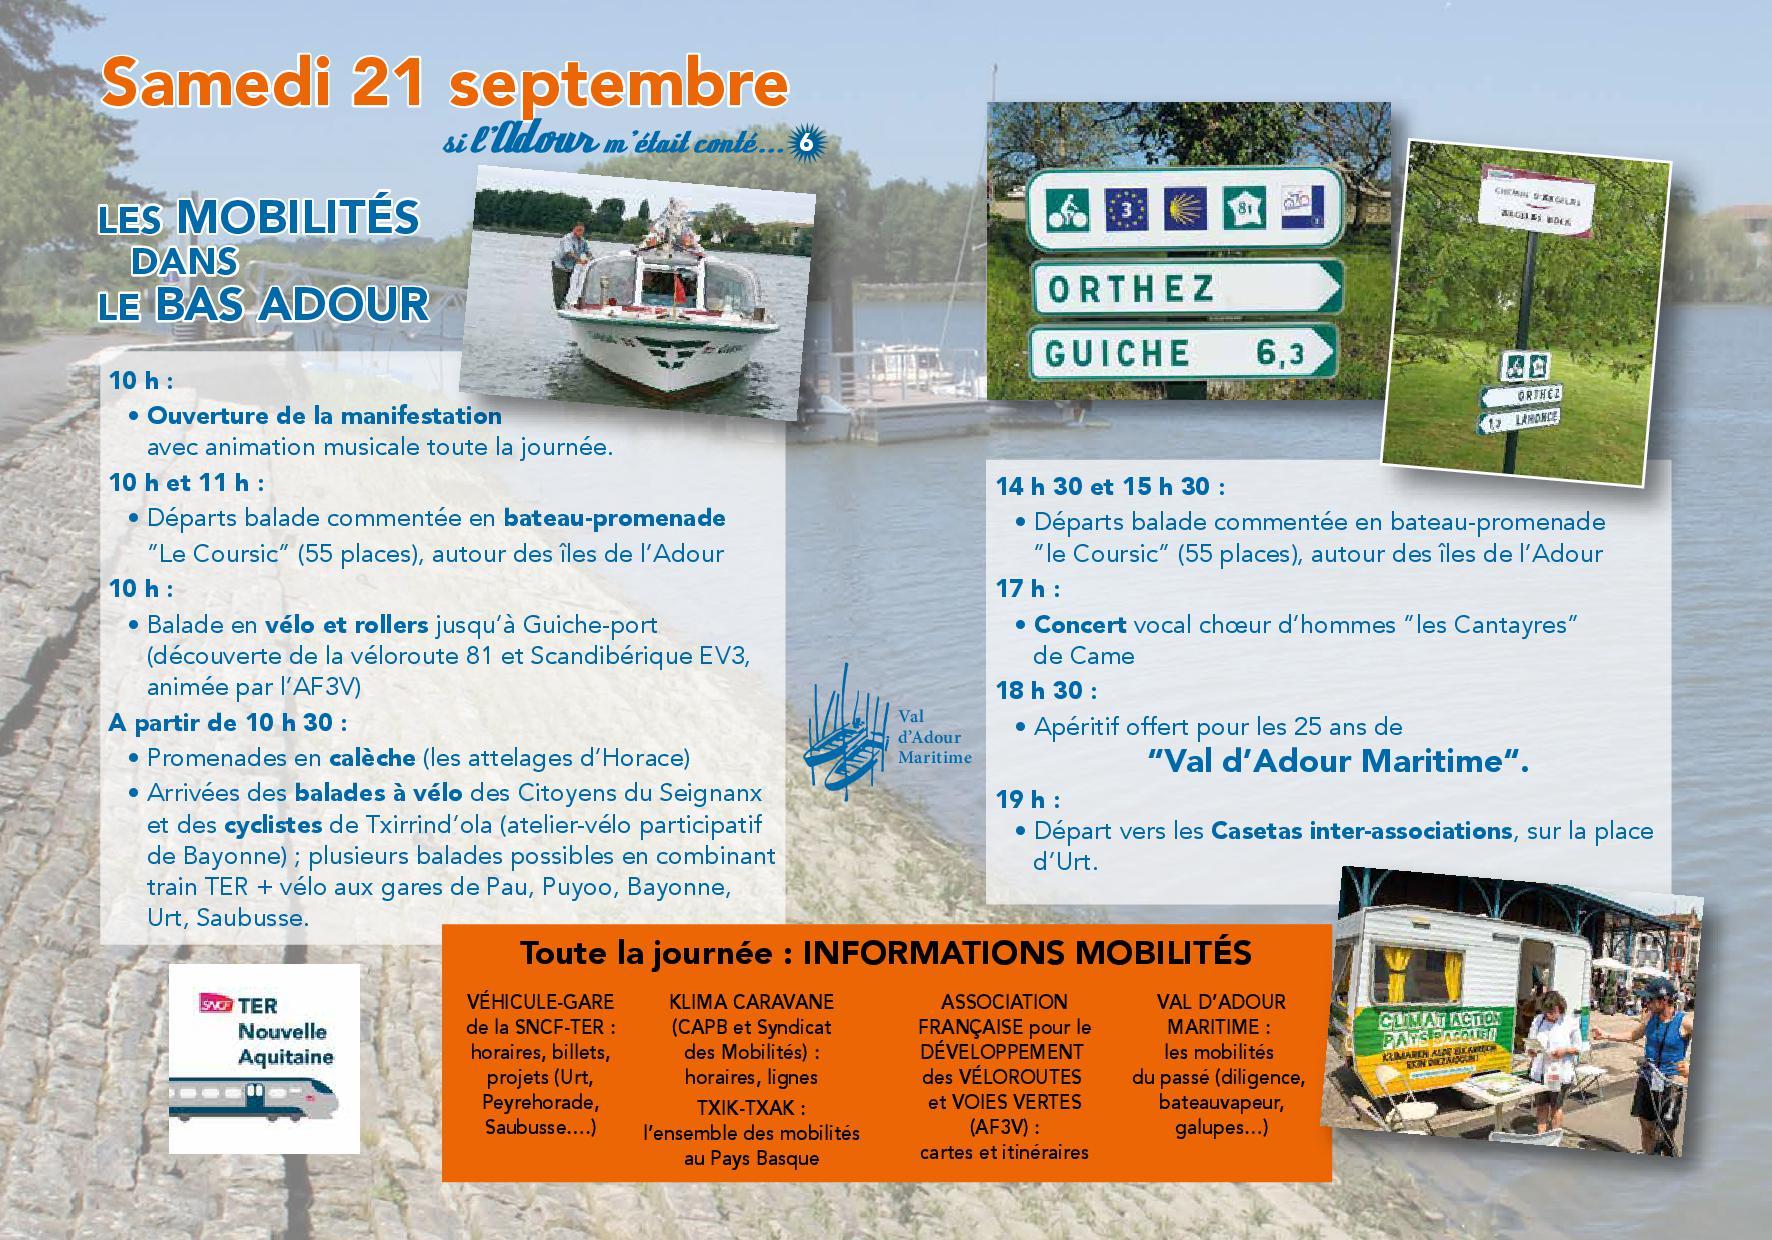 VALDADOUR MARITIME - Programme journée des voies vertes